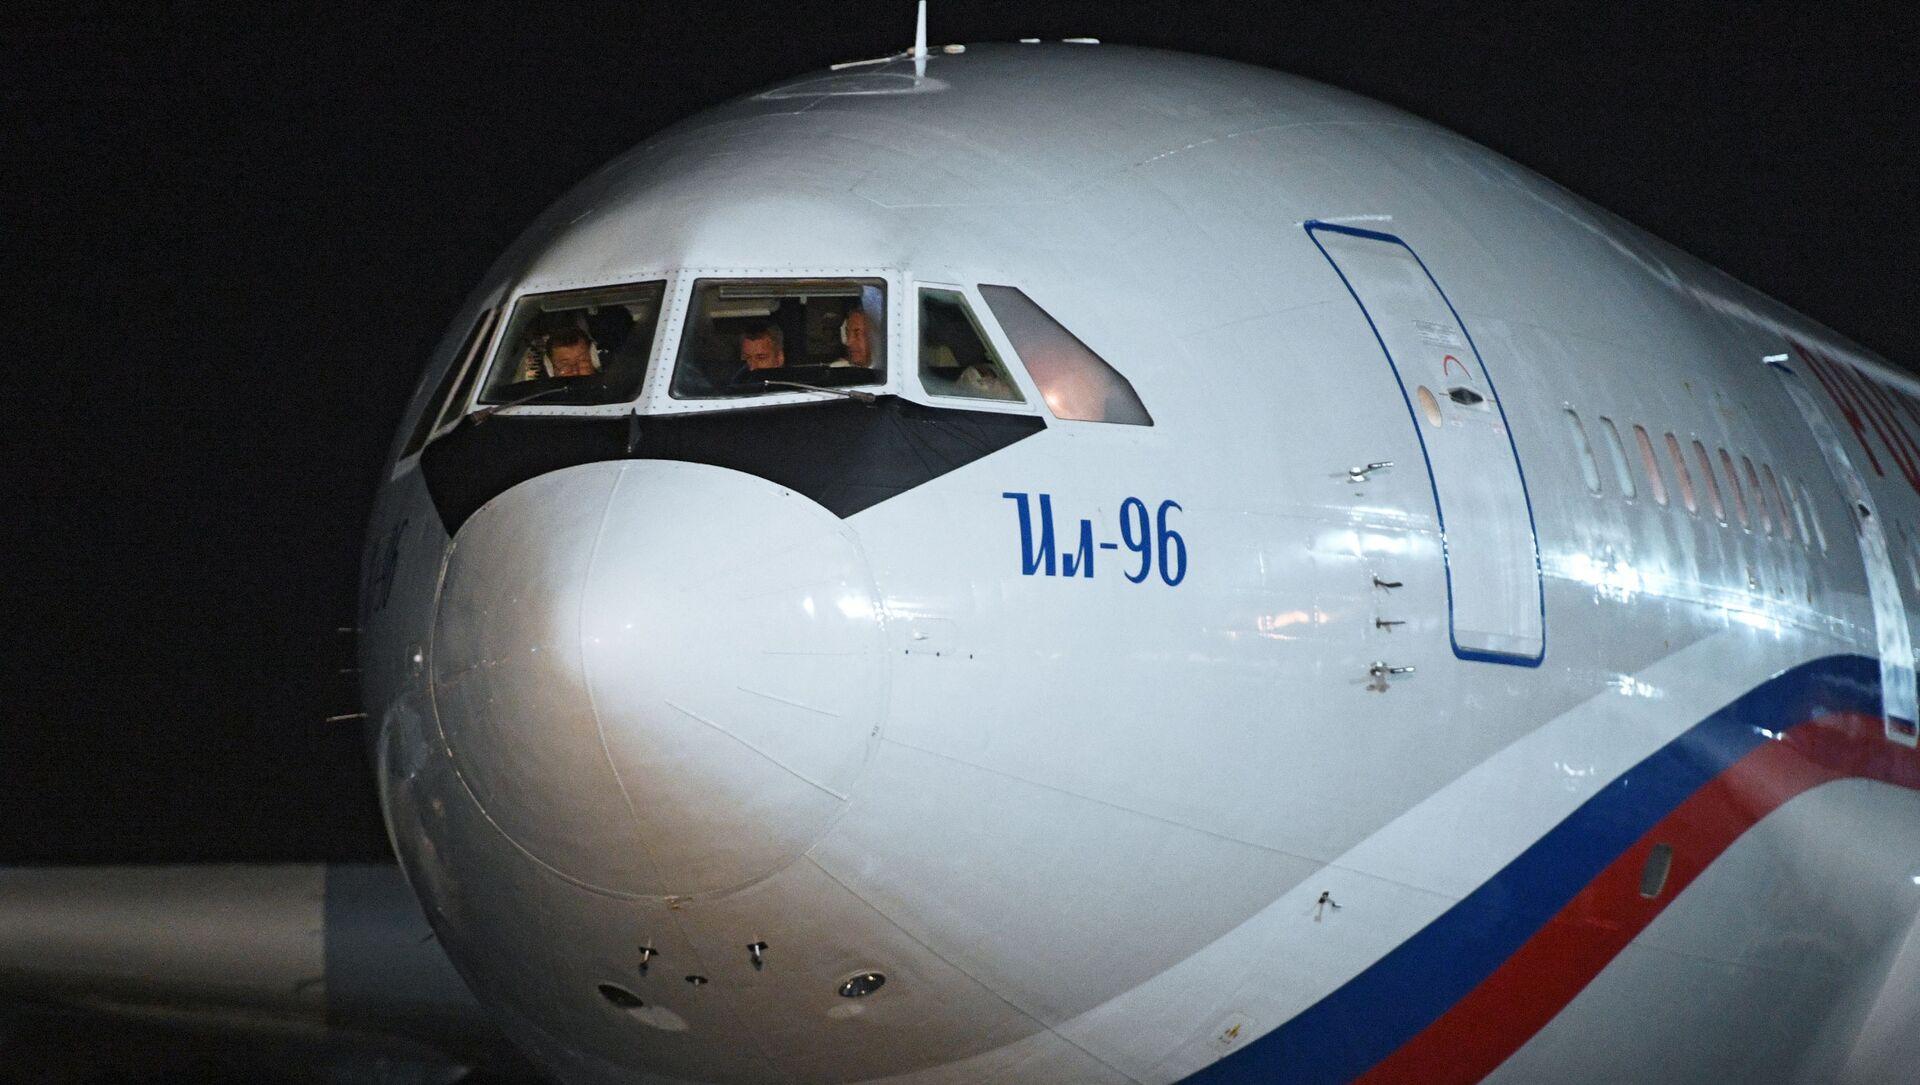 Rusya'nın gönderdiği insani yardım uçakları Küba'ya iniş yaptı - Sputnik Türkiye, 1920, 26.07.2021